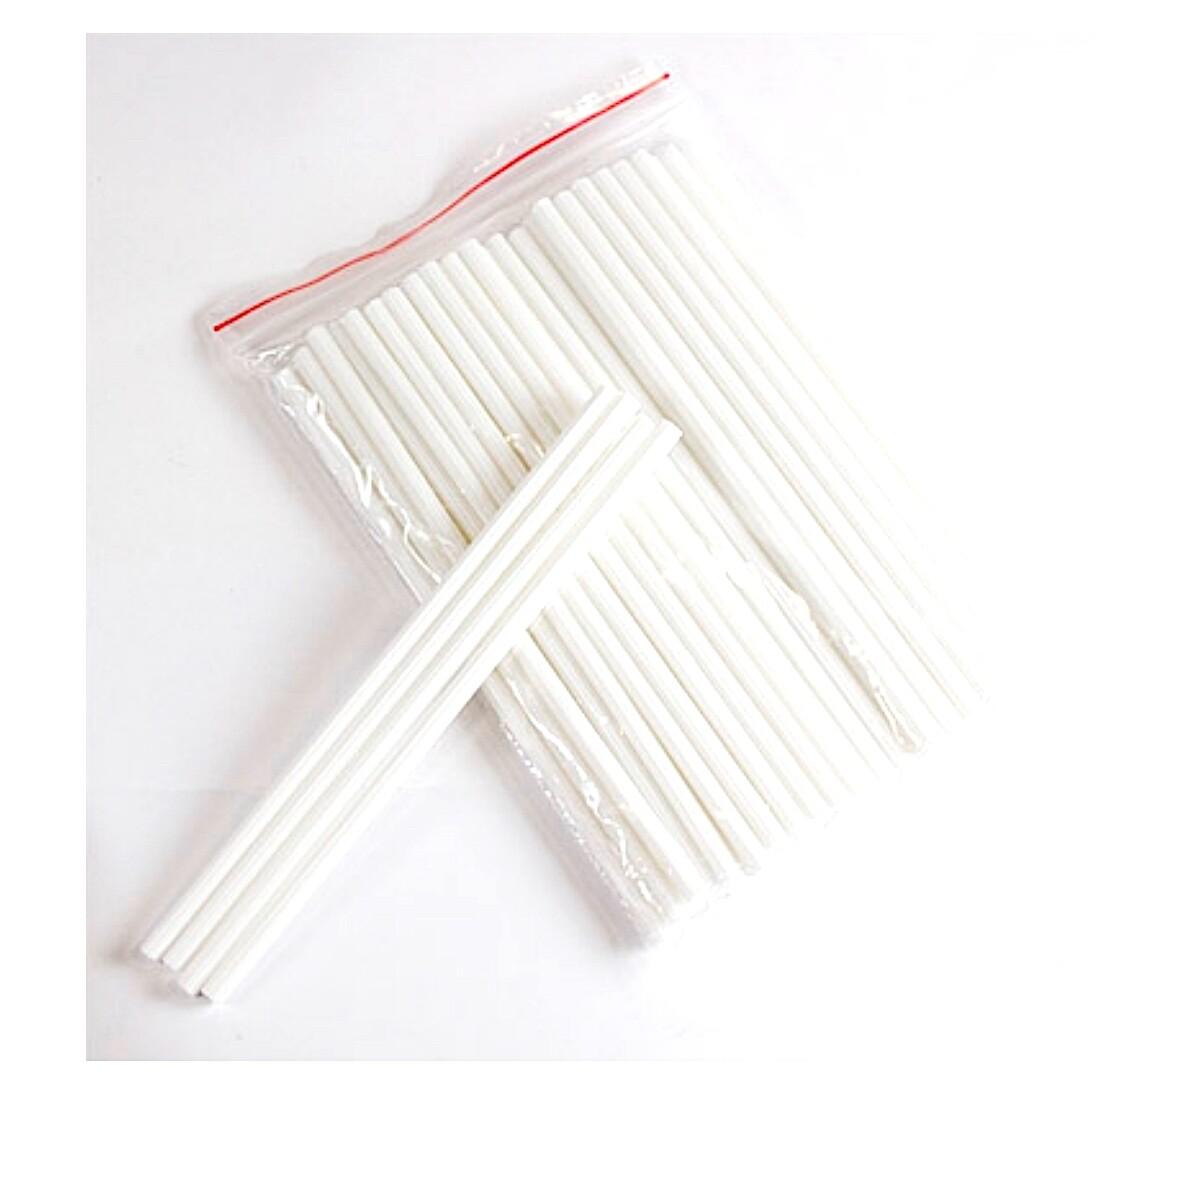 Палочки (полые) для карамели, кейкпопсов | 60 шт